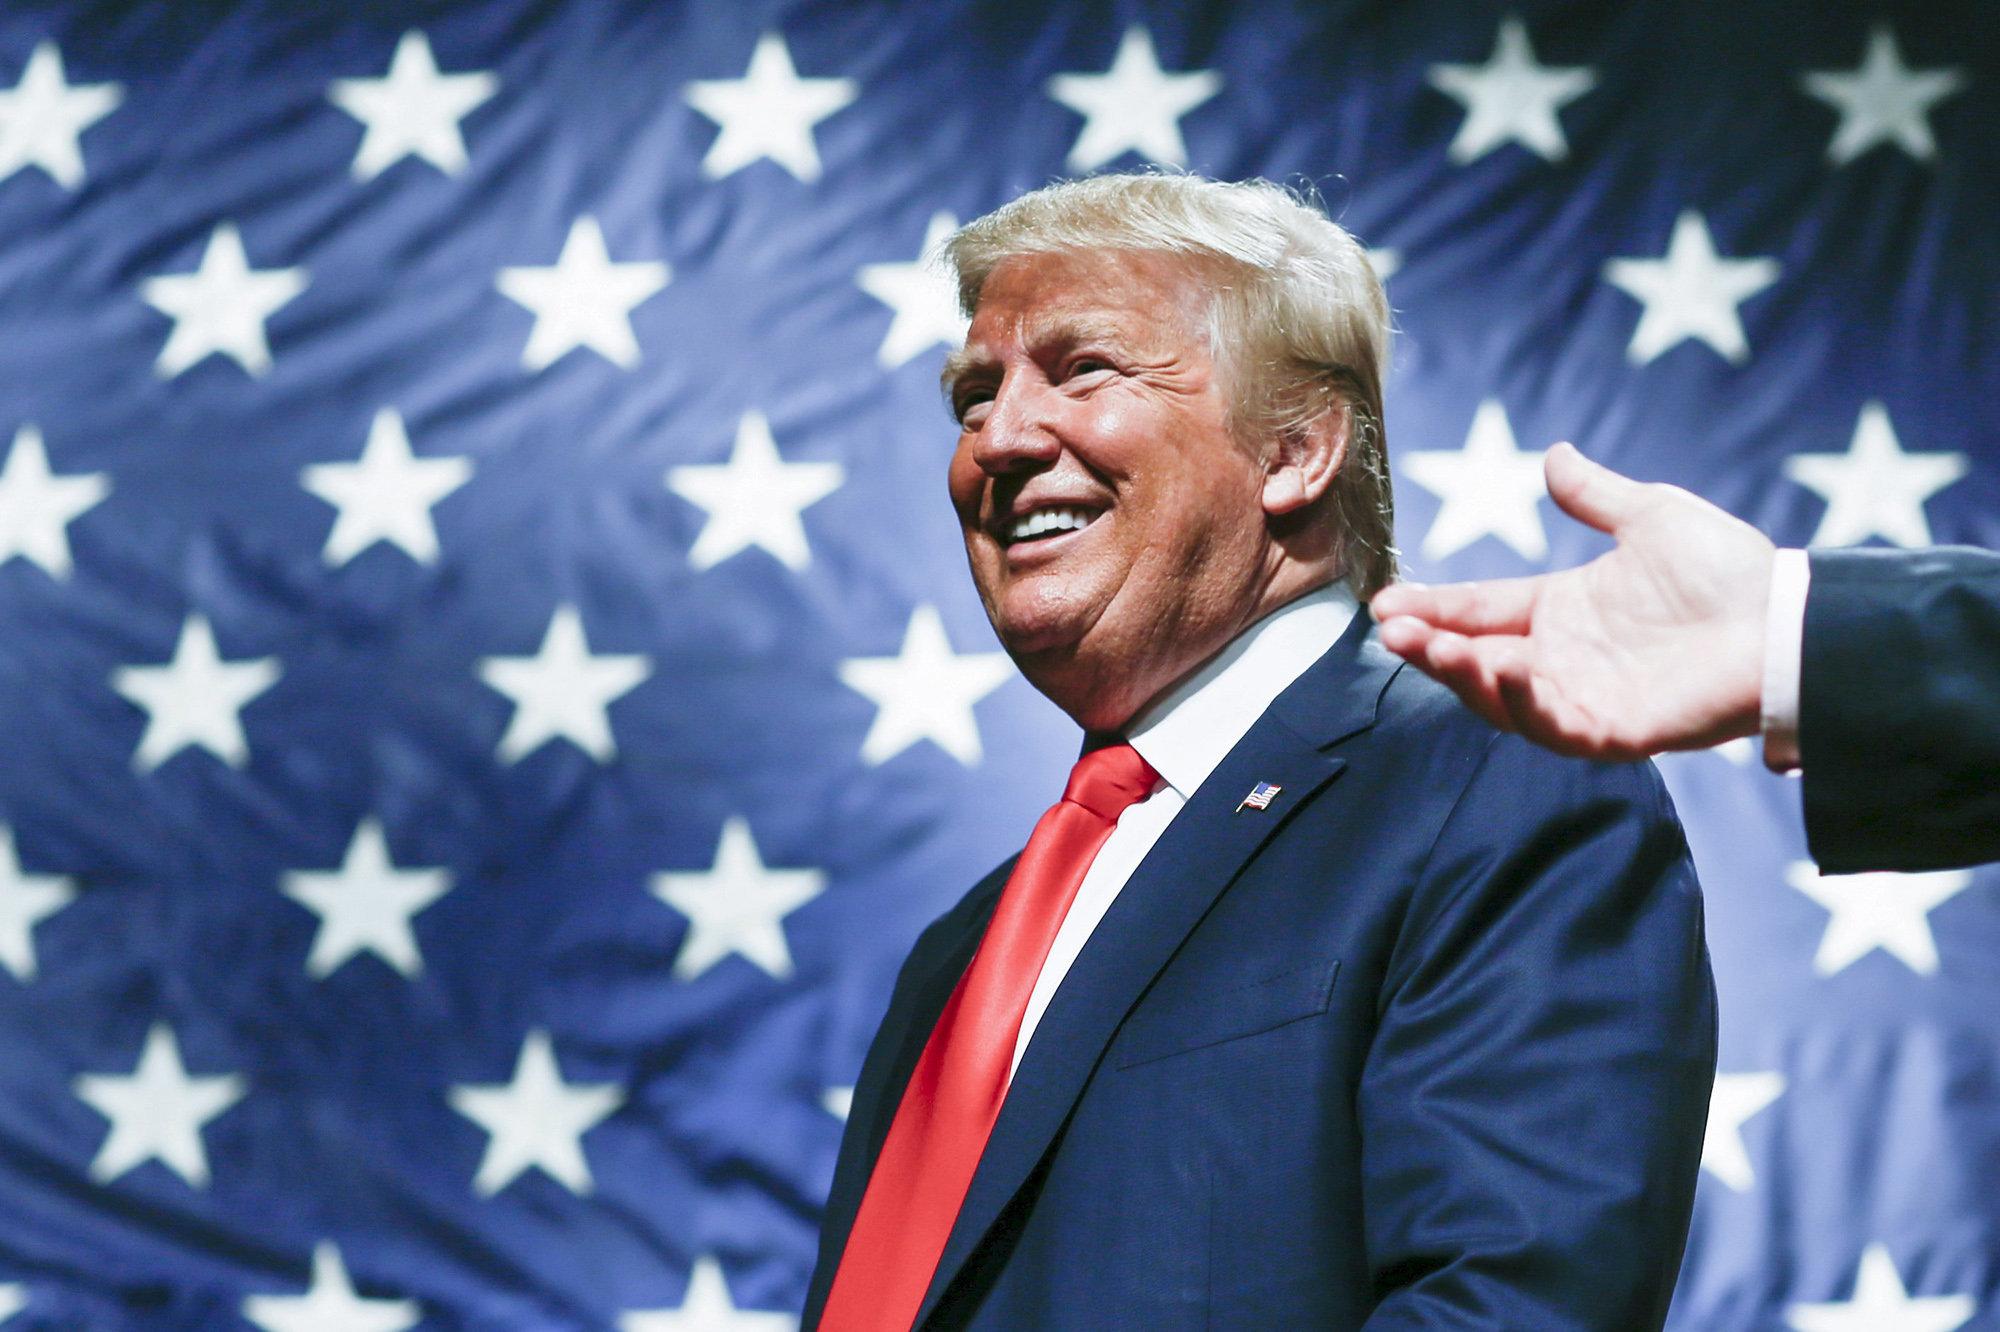 Что означает победа Трампа и Клинтон на праймериз в Нью-Йорке?